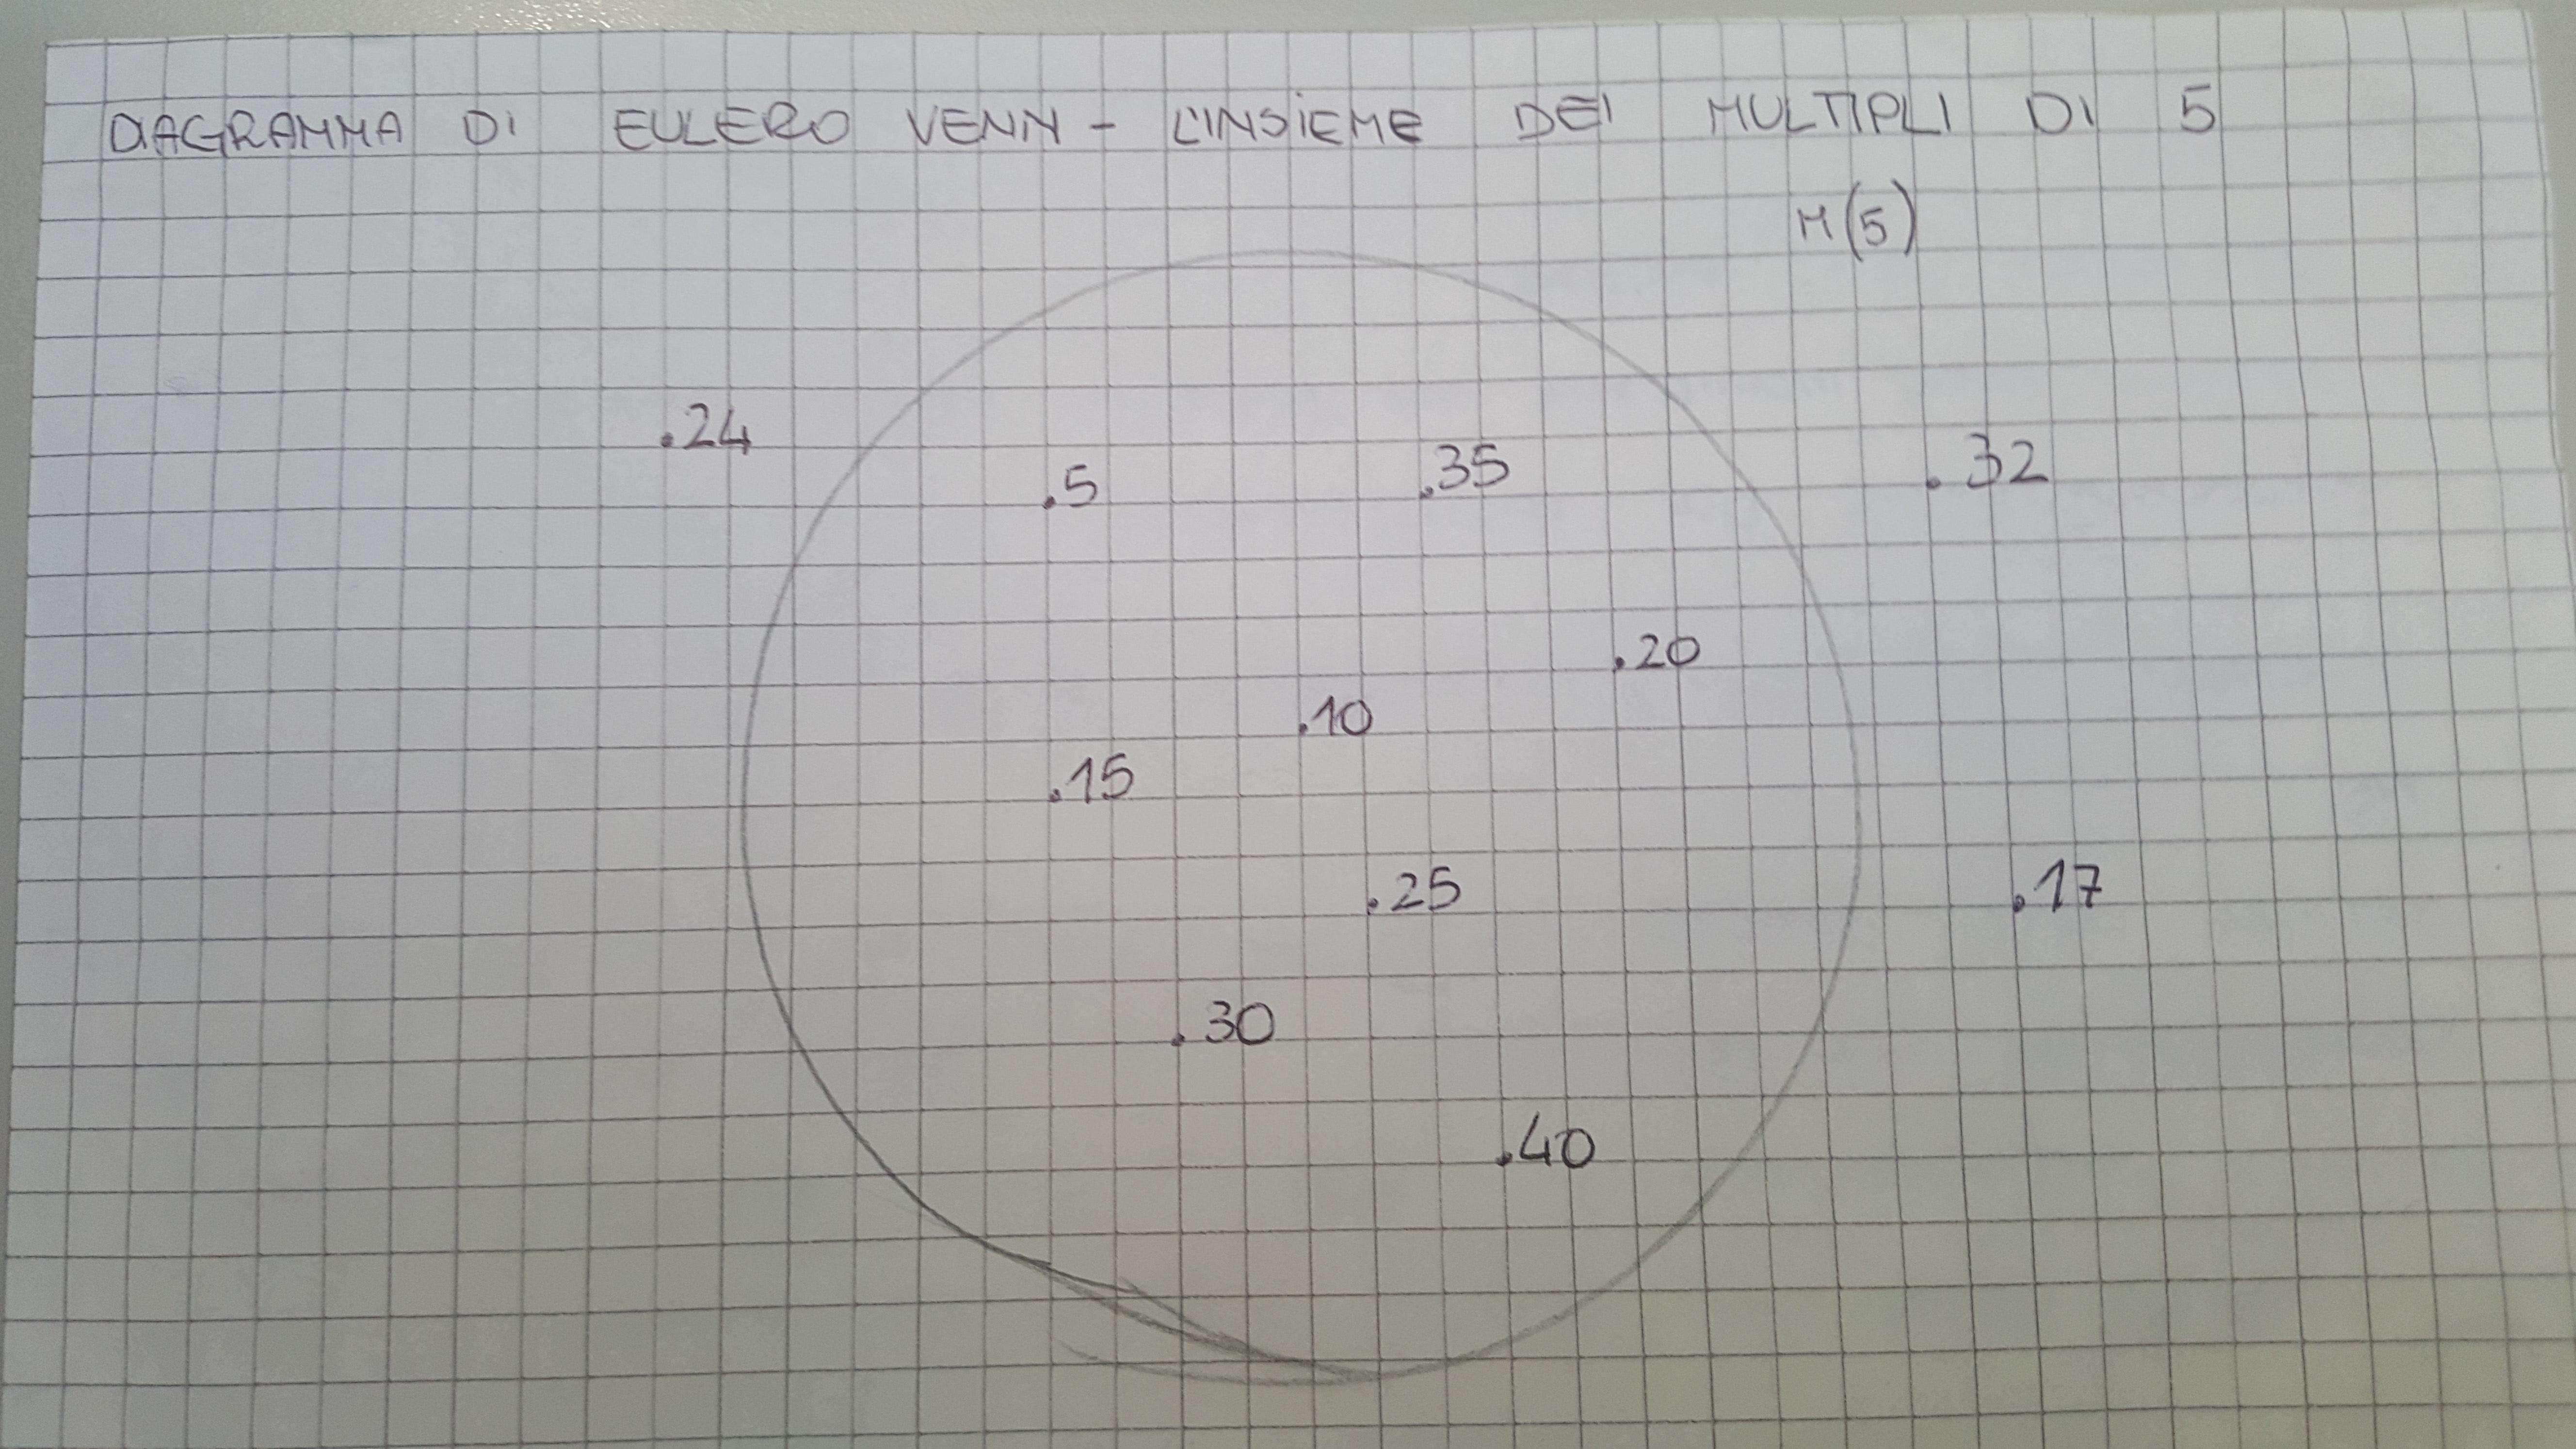 pretty nice 41c42 d1785 File:Insieme dei multipli di 5 - diagramma di Eulero Venn ...